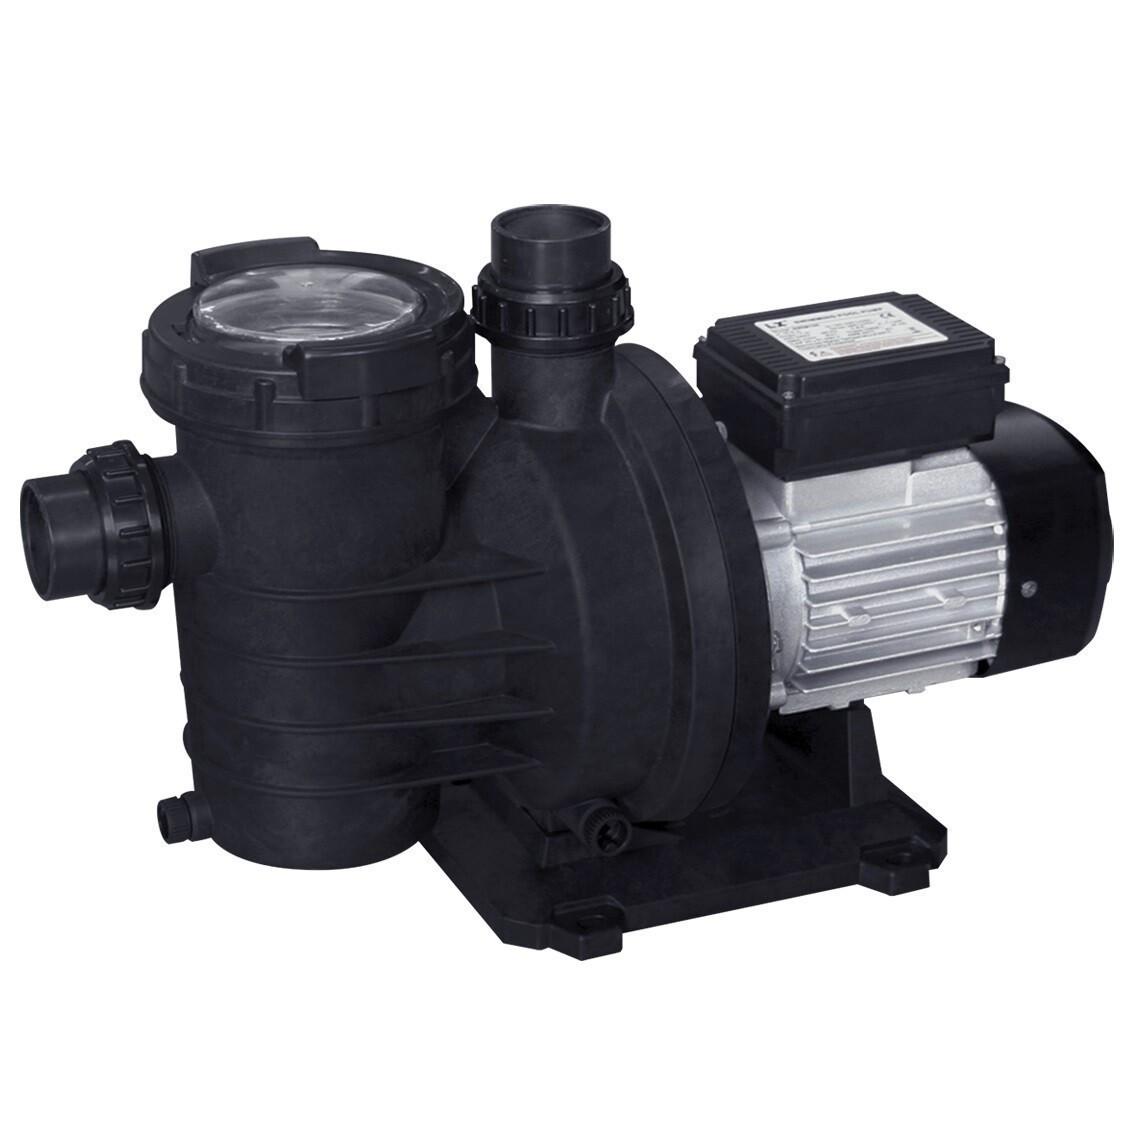 Насос AquaViva LX SWIM075T 16 м3/год (1,2 HP, 380В)